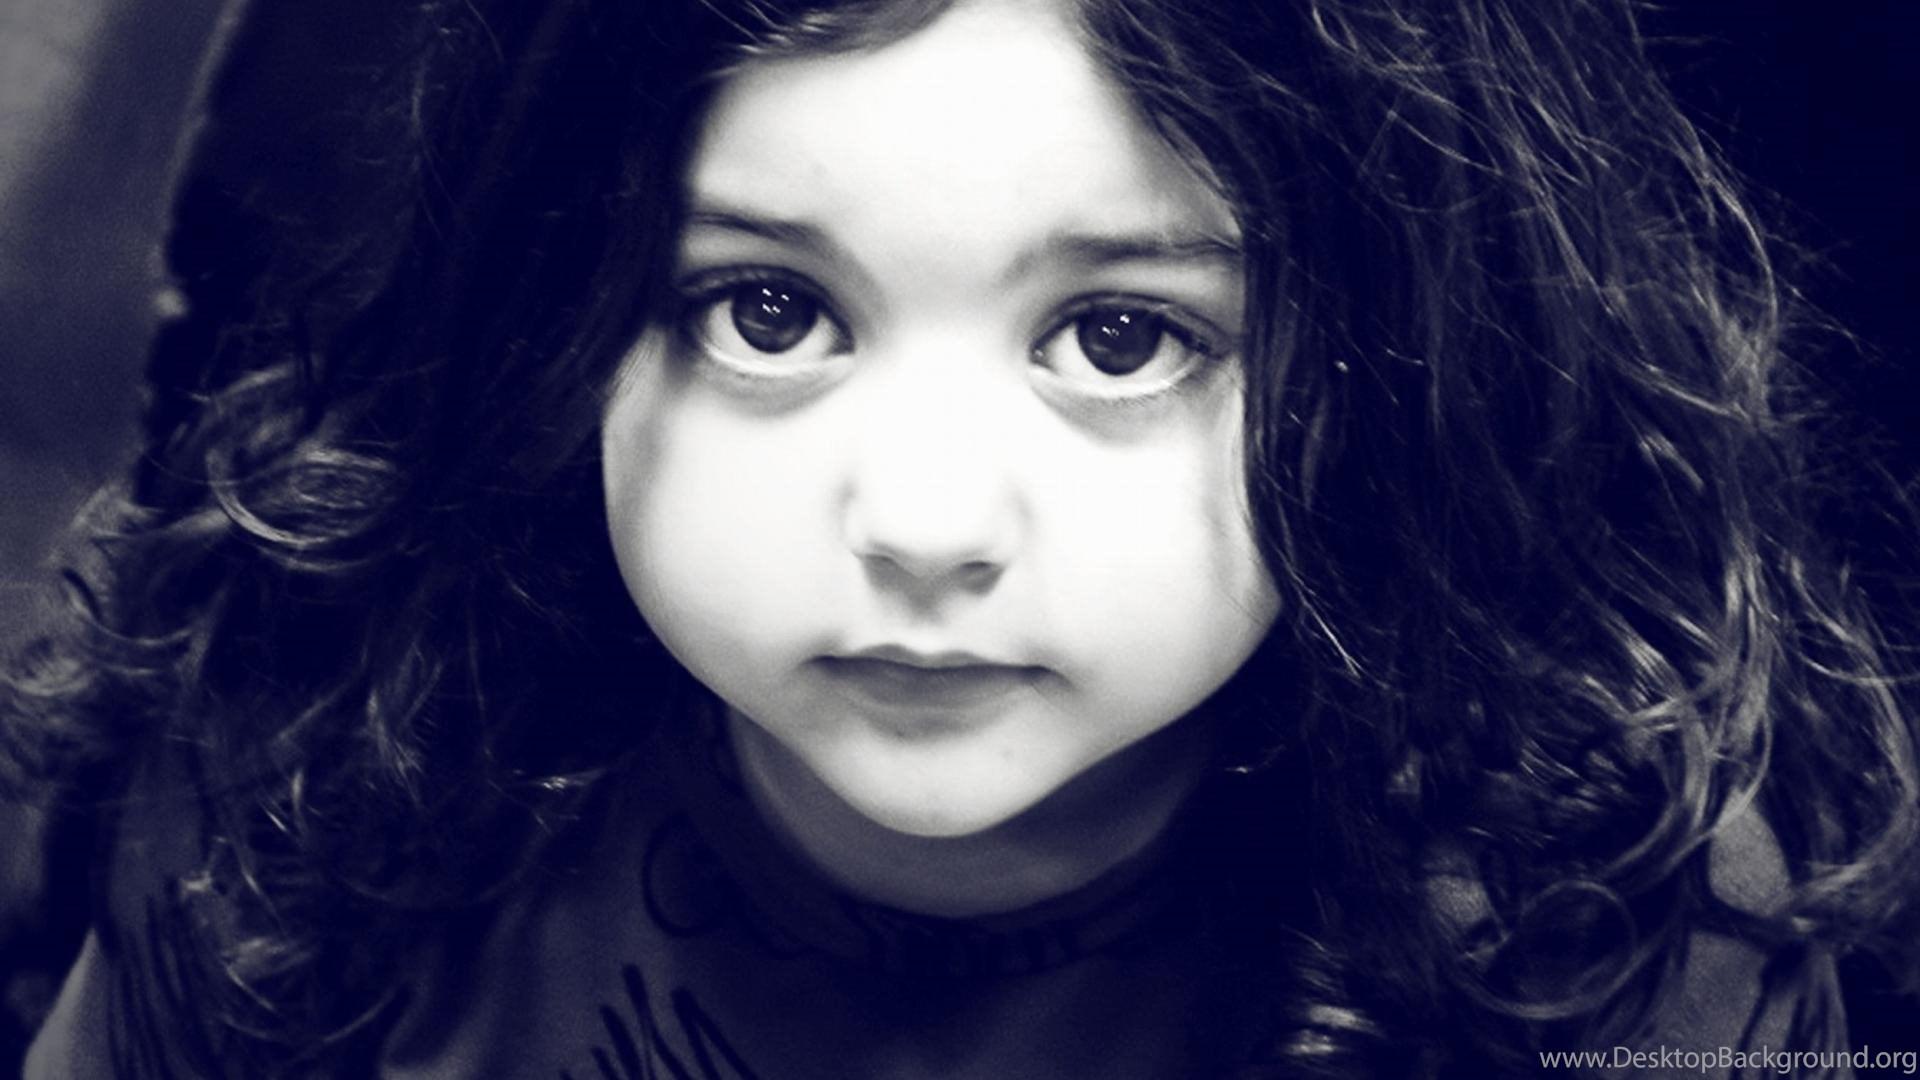 cute baby girl wallpapers for desktop desktop backgrounds desktop